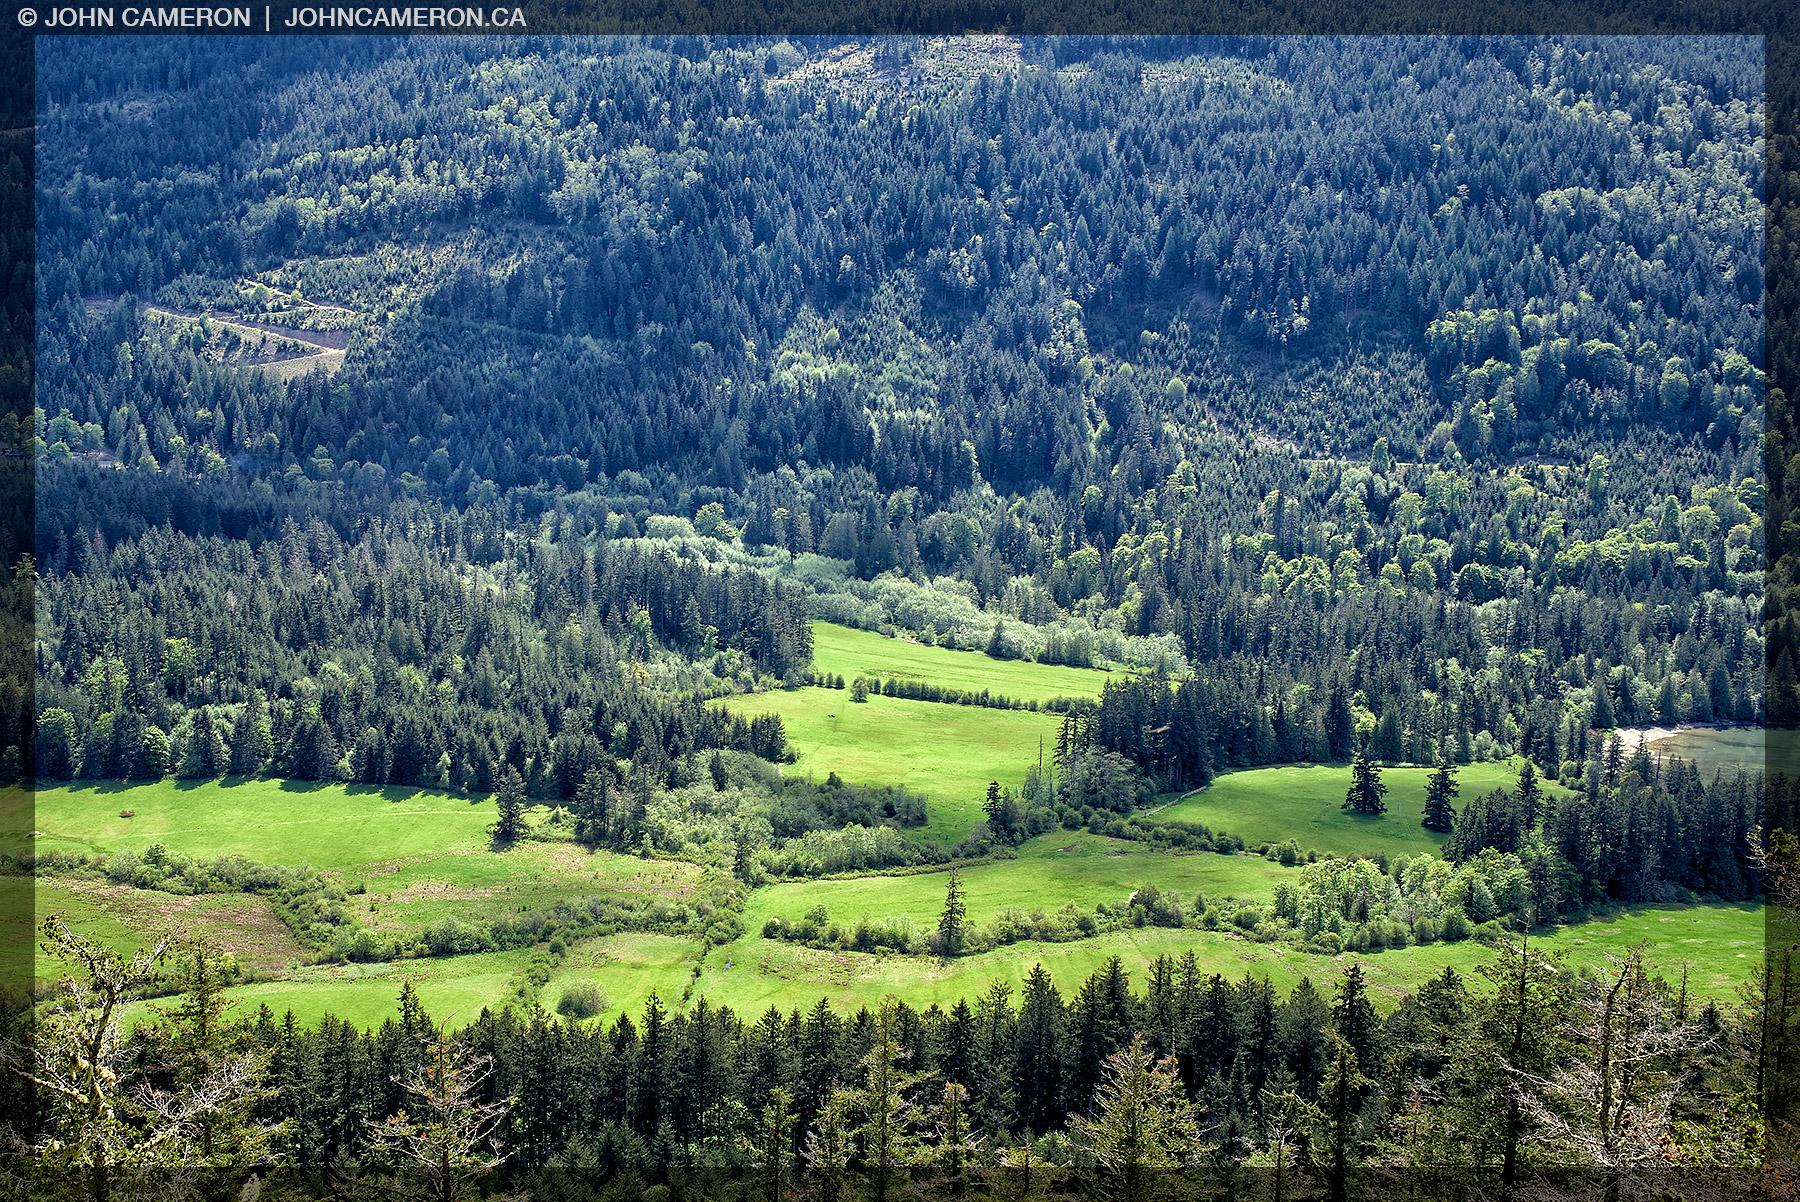 Burgoyne Valley